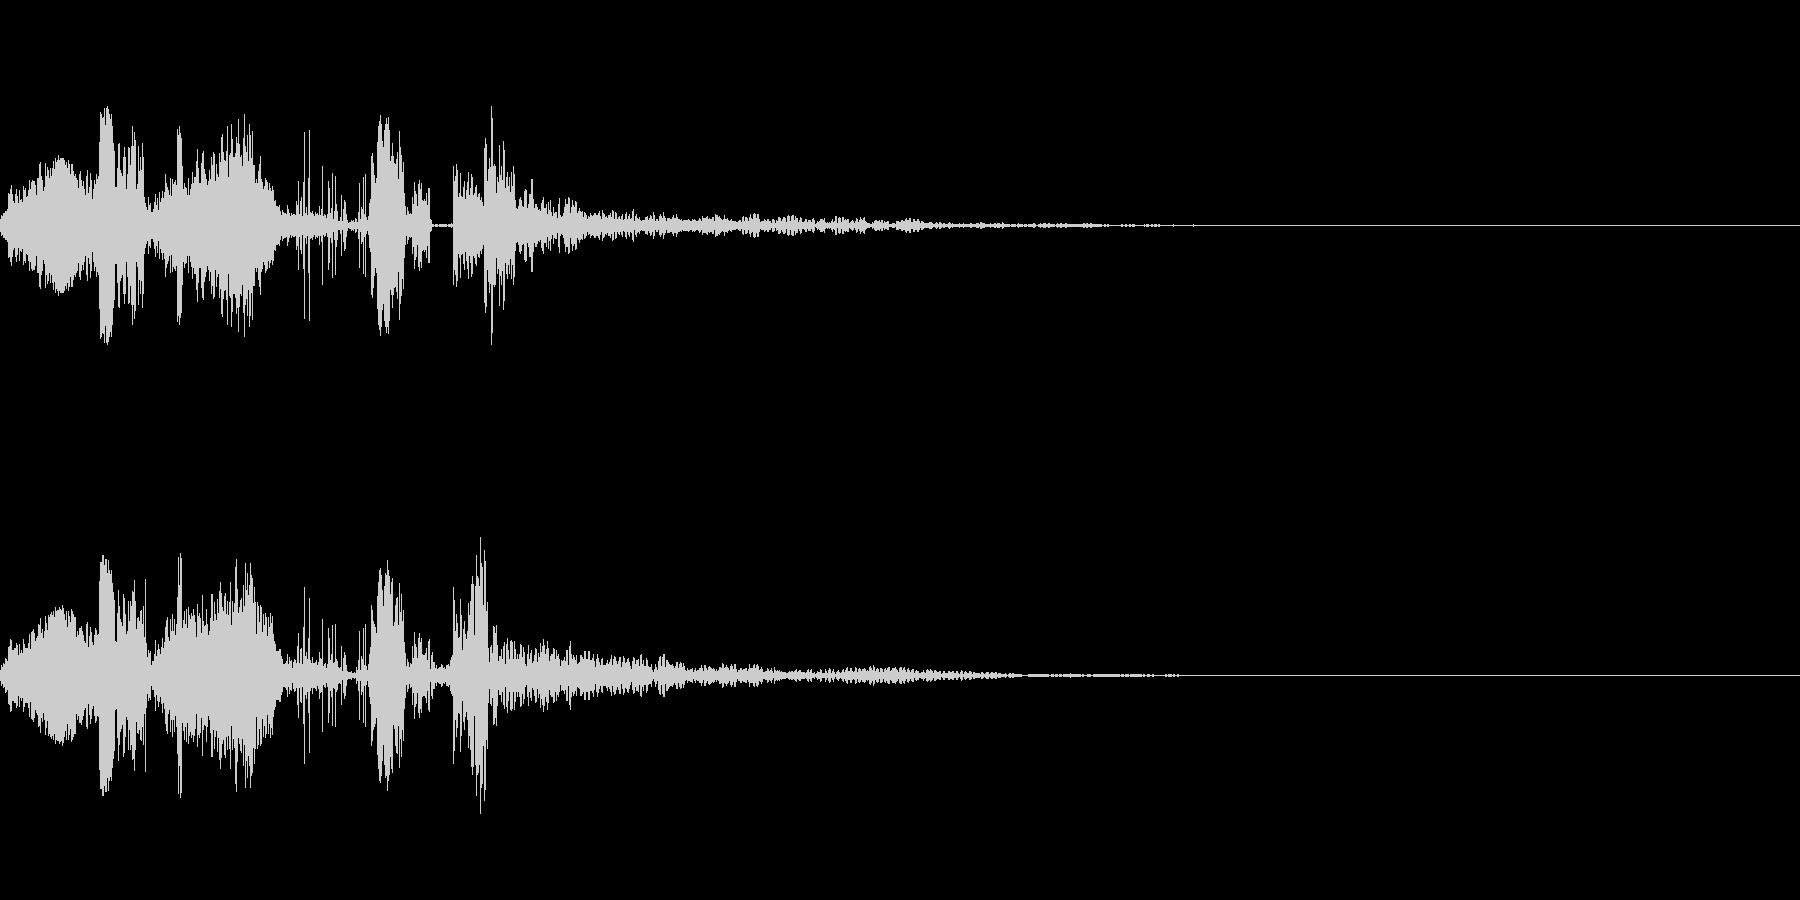 ラジオジングルキット 海外FM風の未再生の波形